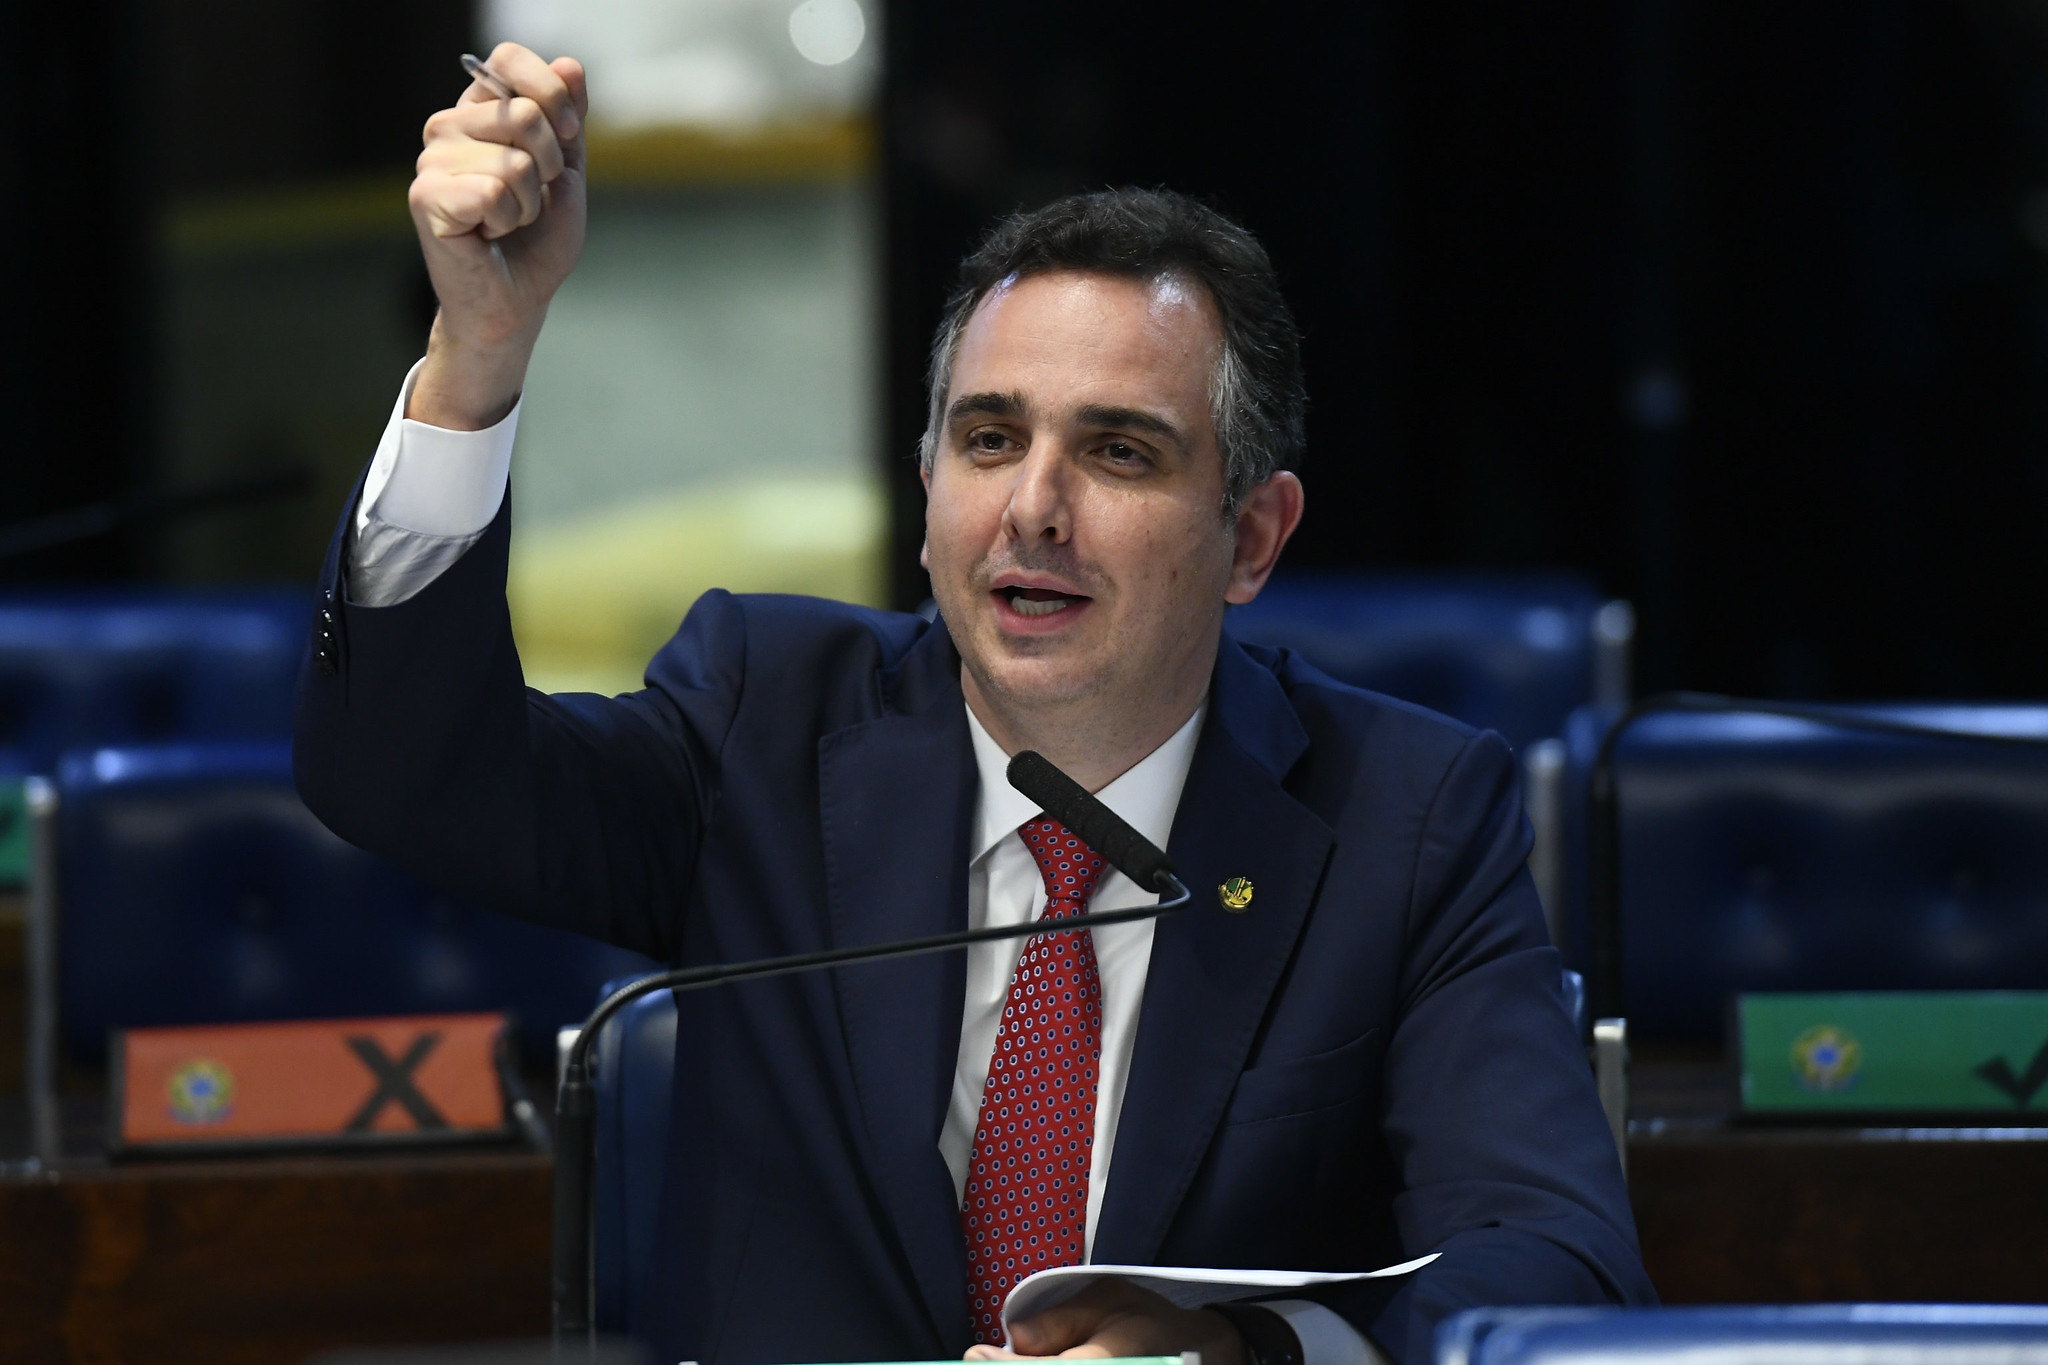 Painel do Poder: Rodrigo Pacheco é a autoridade mais bem avaliada pelo  Congresso | Congresso em Foco